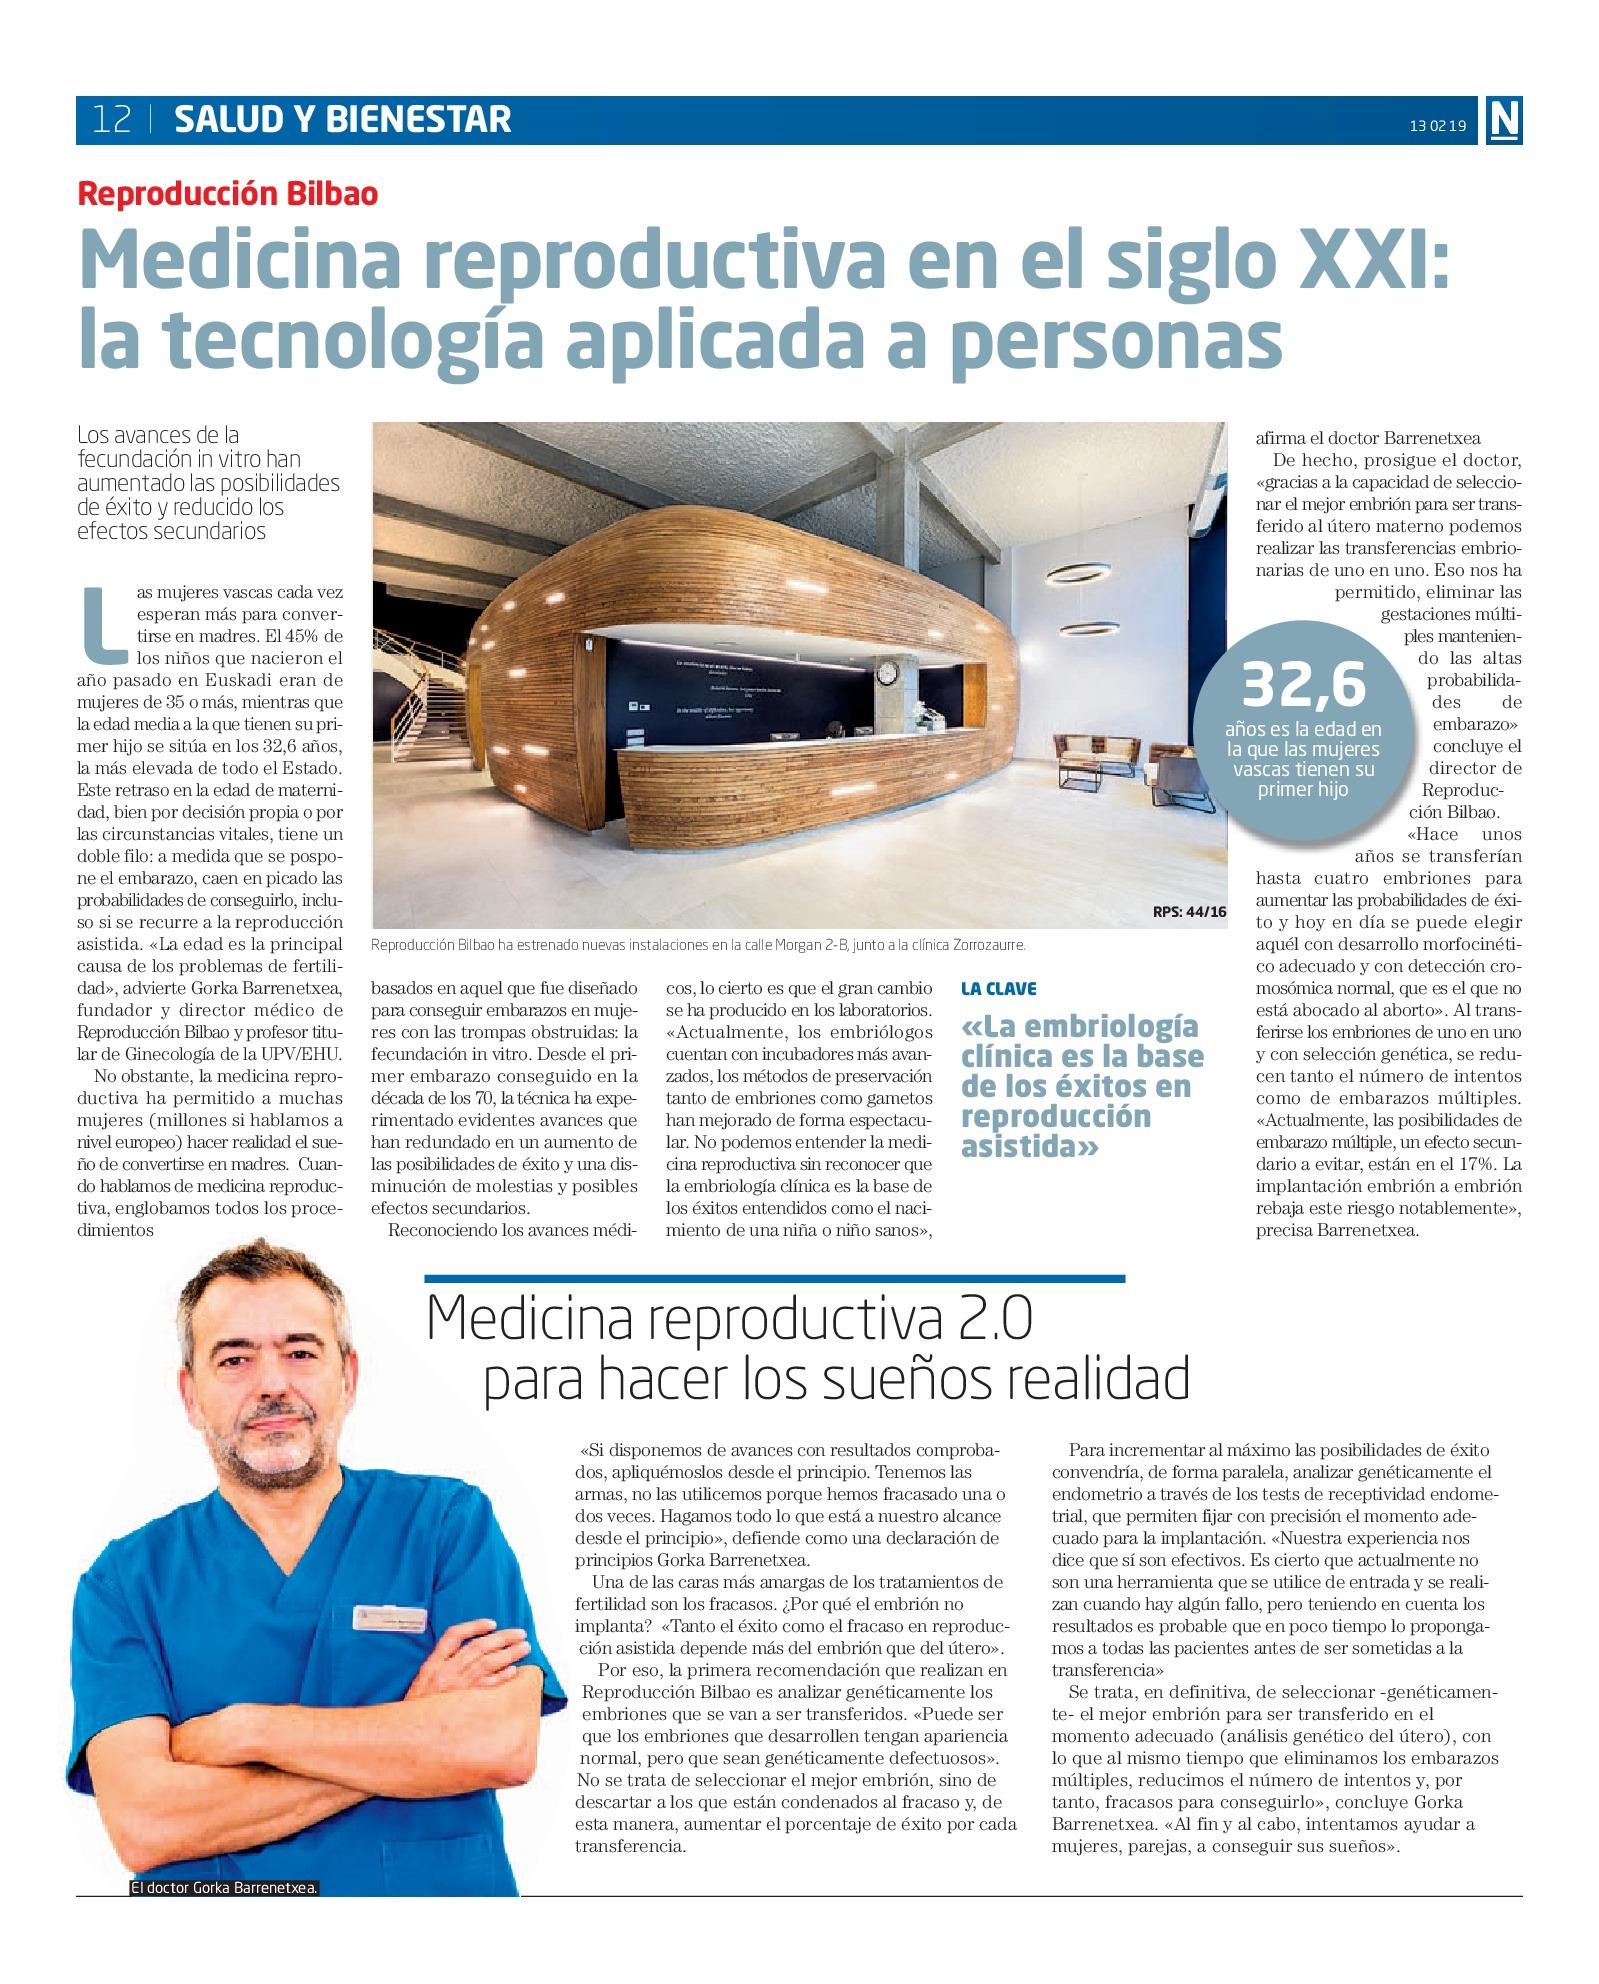 Medicina Reproductiva